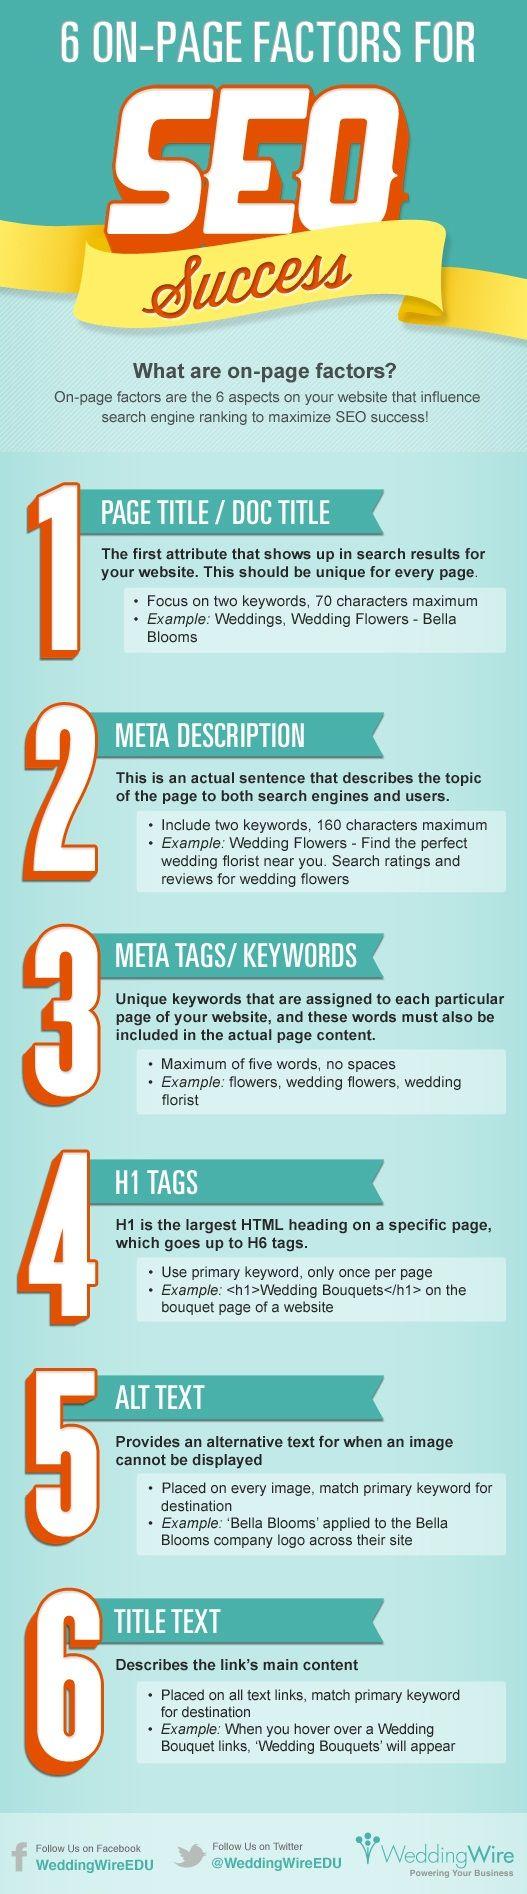 6 Steps for SEO Success (WeddingWire Pro Blog) via @WeddingWire #WeddingWire #SEO #Infographic